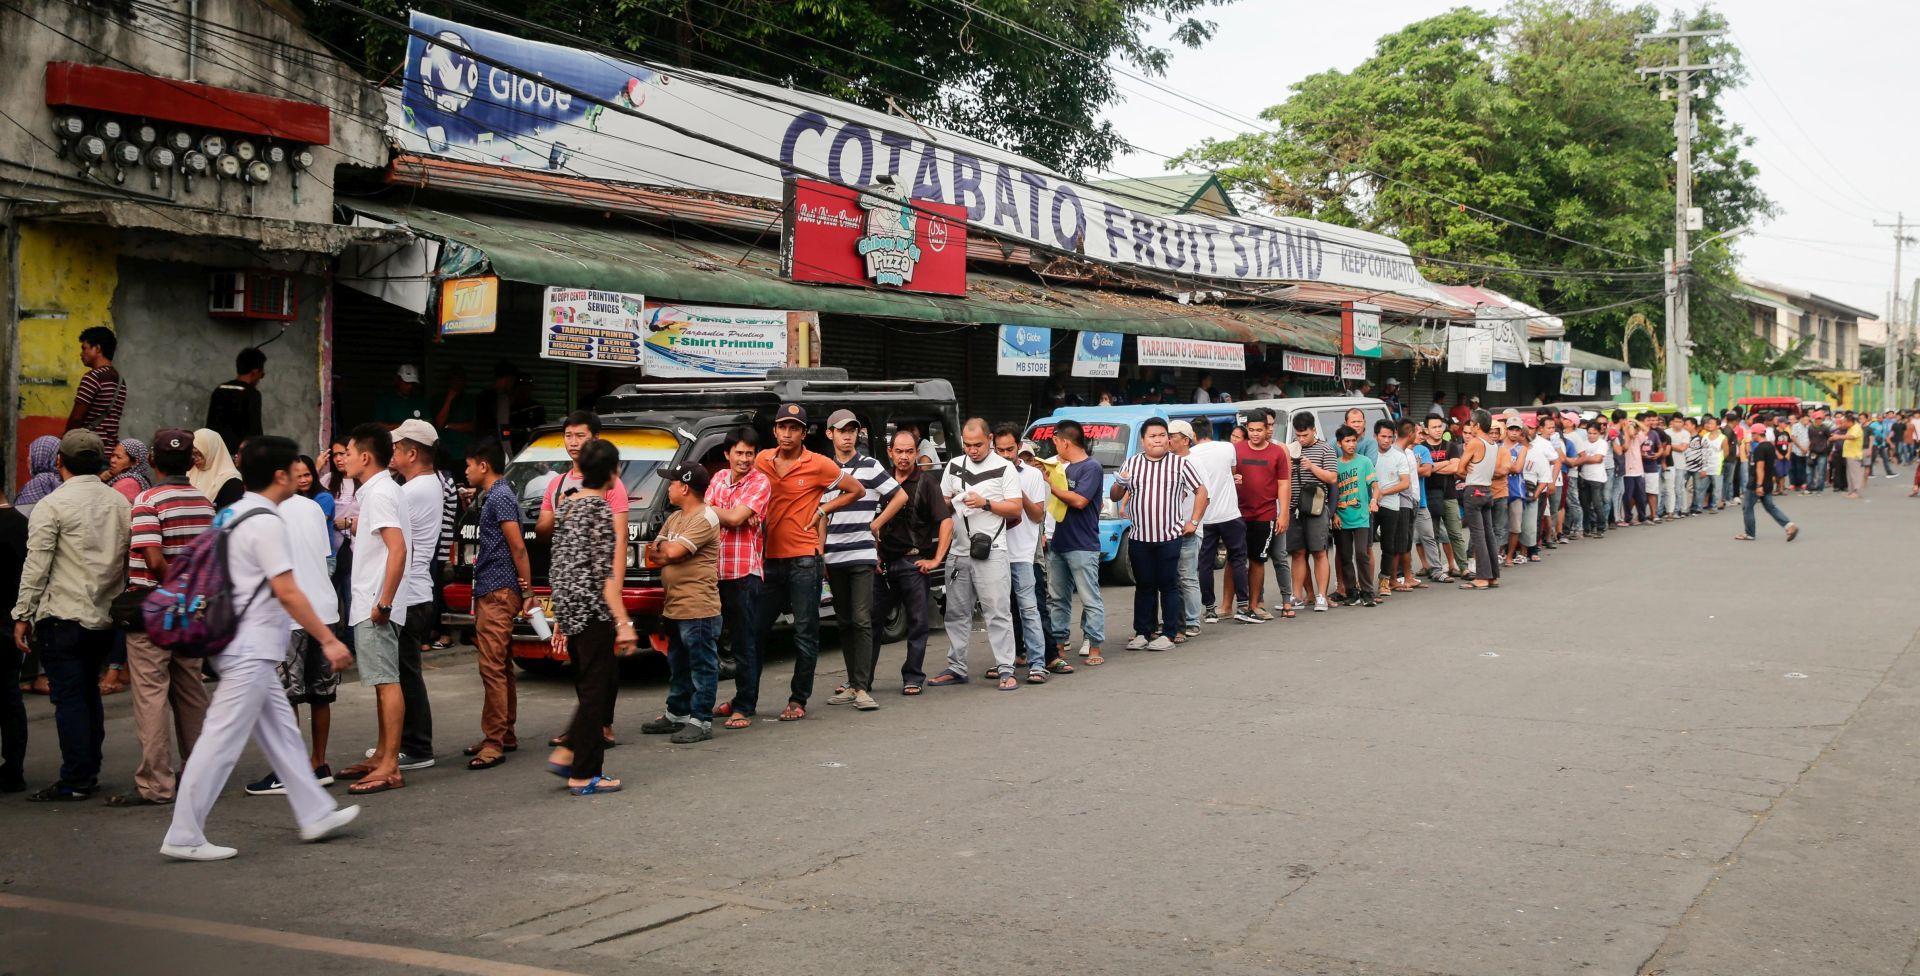 FILIPINI Muslimanska manjina glasala na referendumu o autonomiji